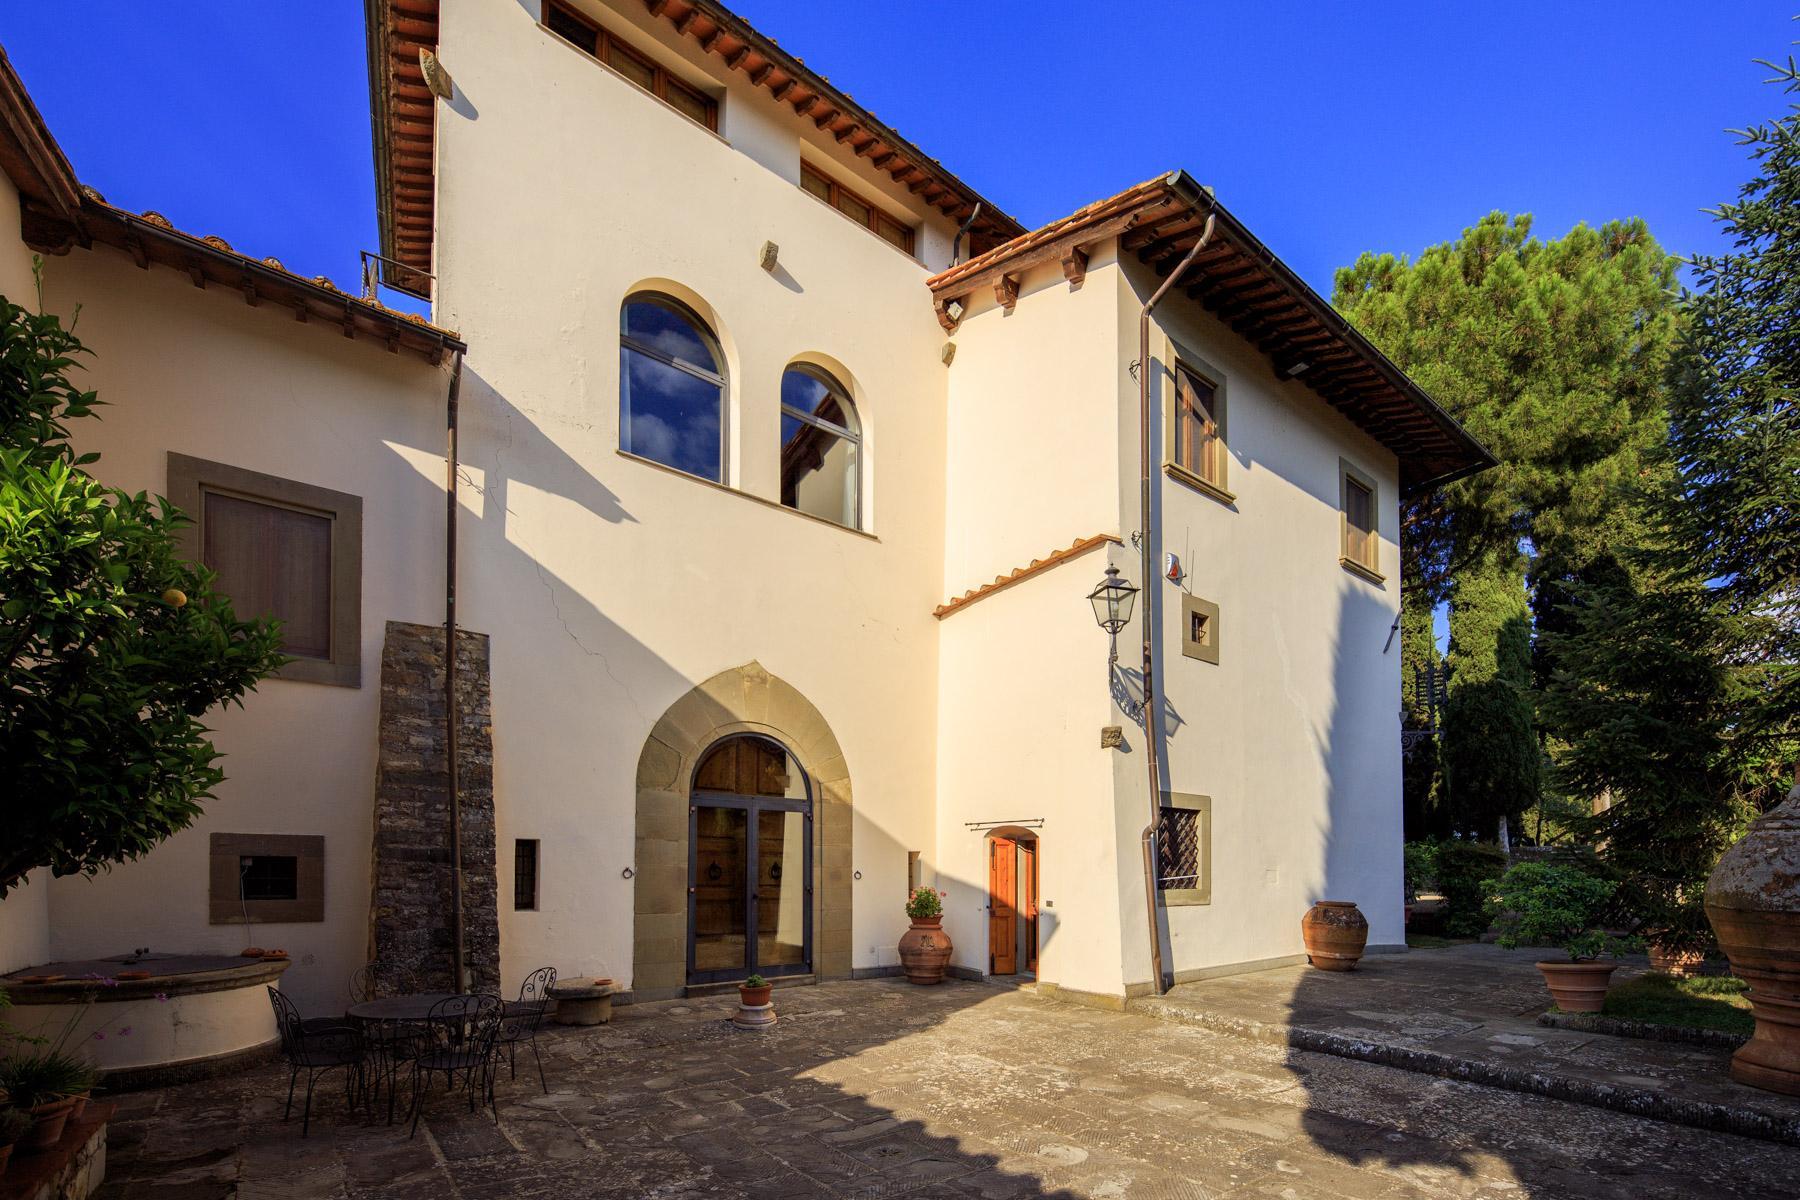 Maestosa Villa Rinascimentale sulle Colline Fiorentine con Cantina e Vigneto - 7